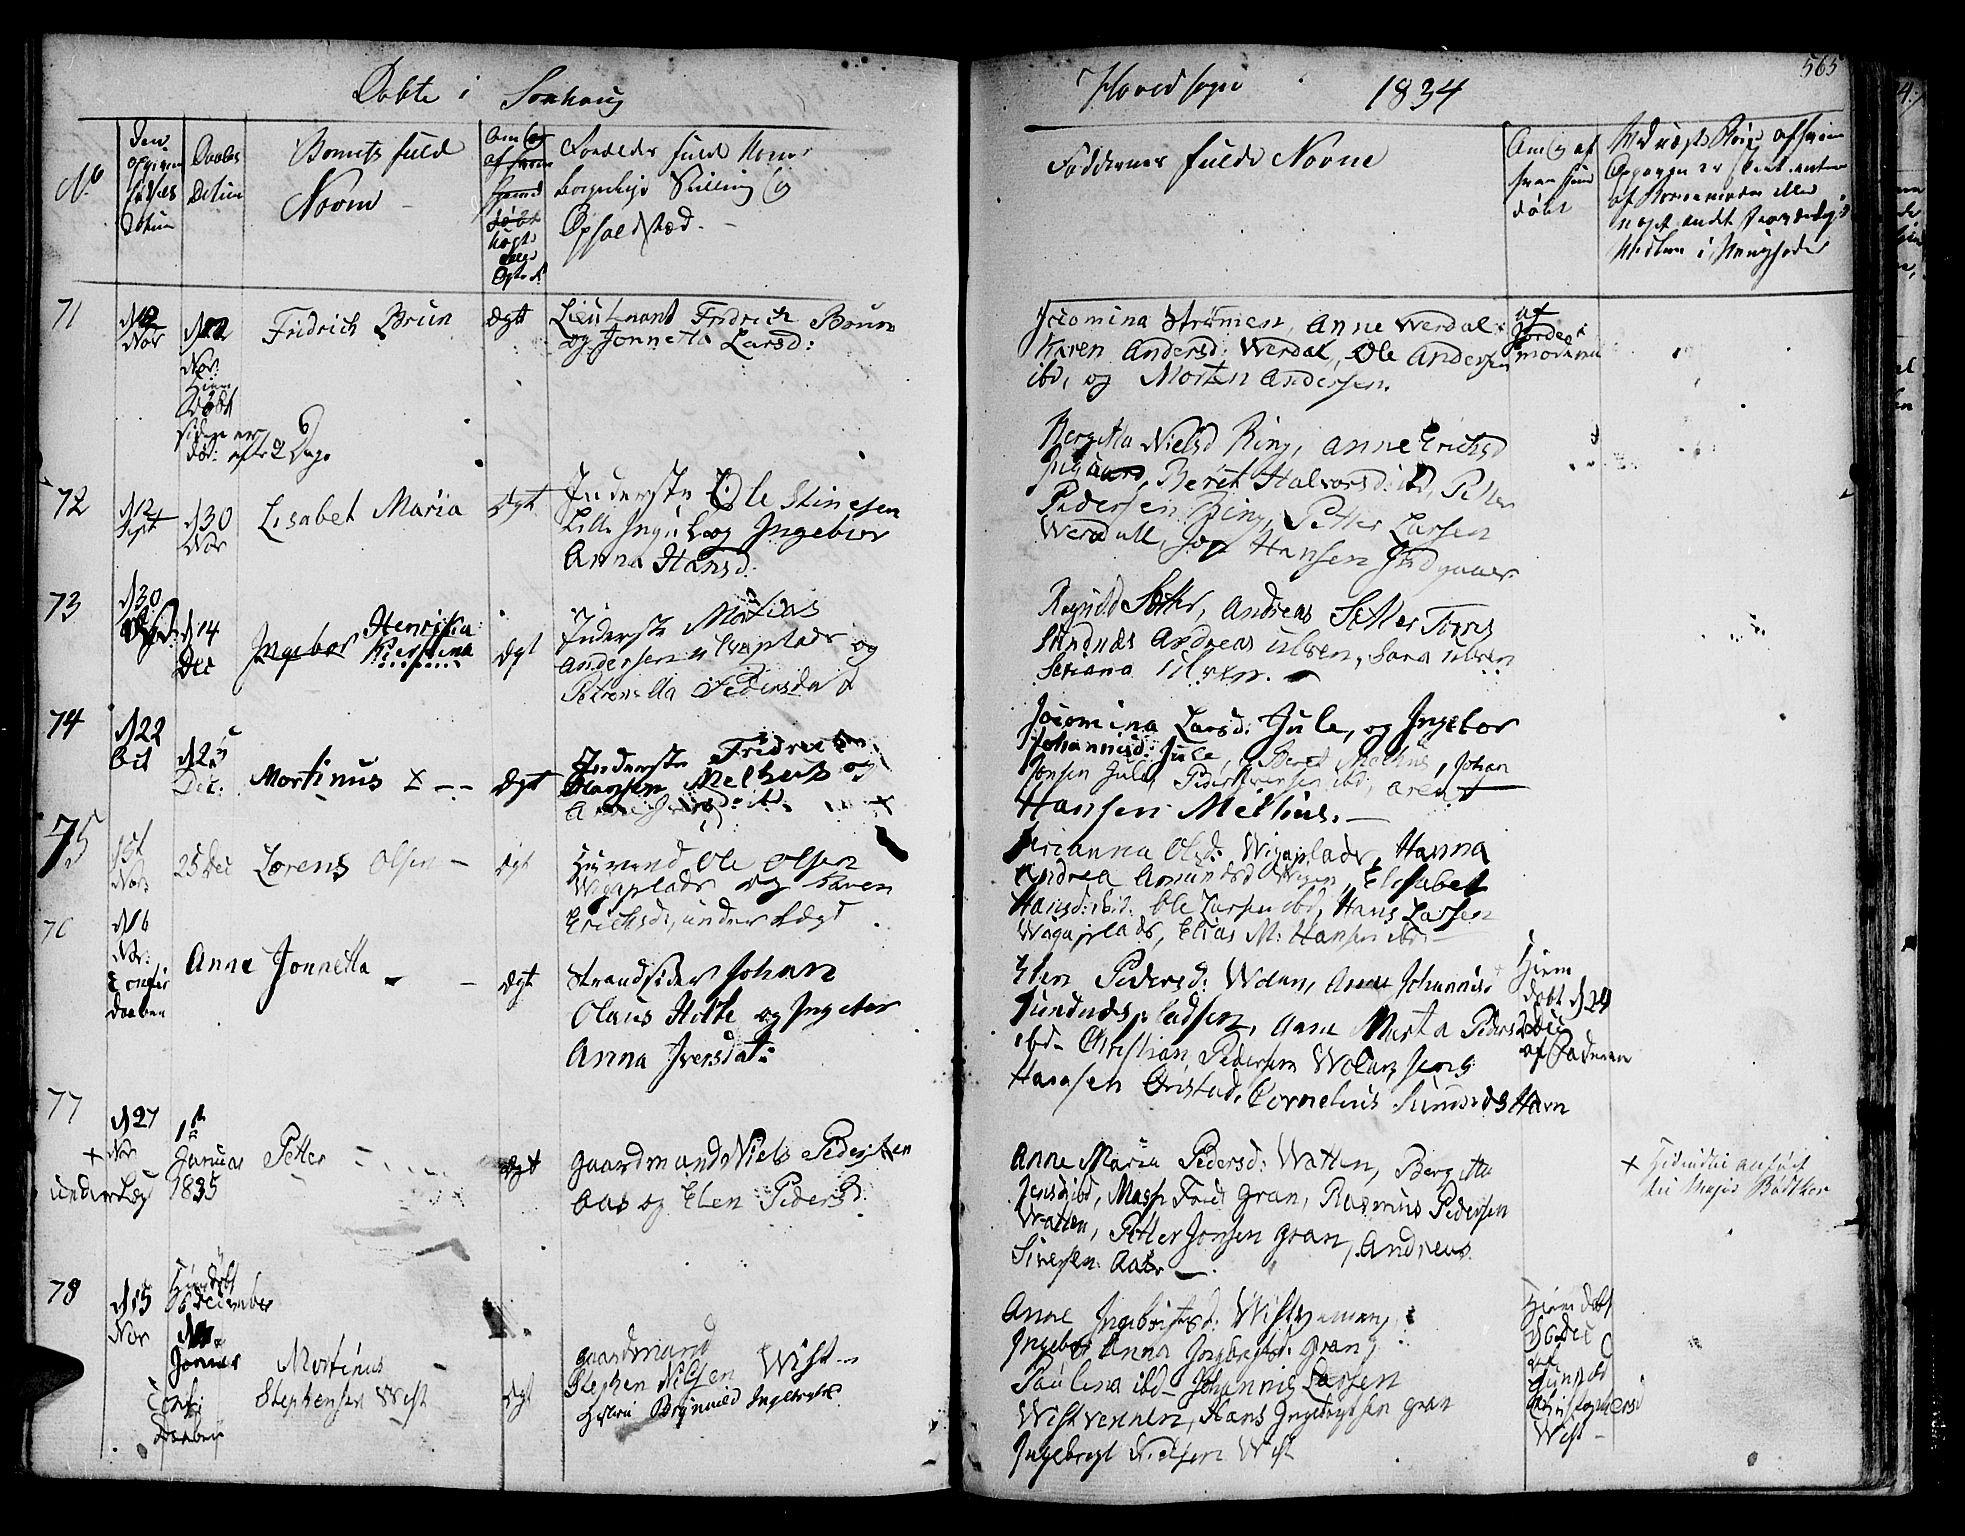 SAT, Ministerialprotokoller, klokkerbøker og fødselsregistre - Nord-Trøndelag, 730/L0277: Ministerialbok nr. 730A06 /1, 1830-1839, s. 565